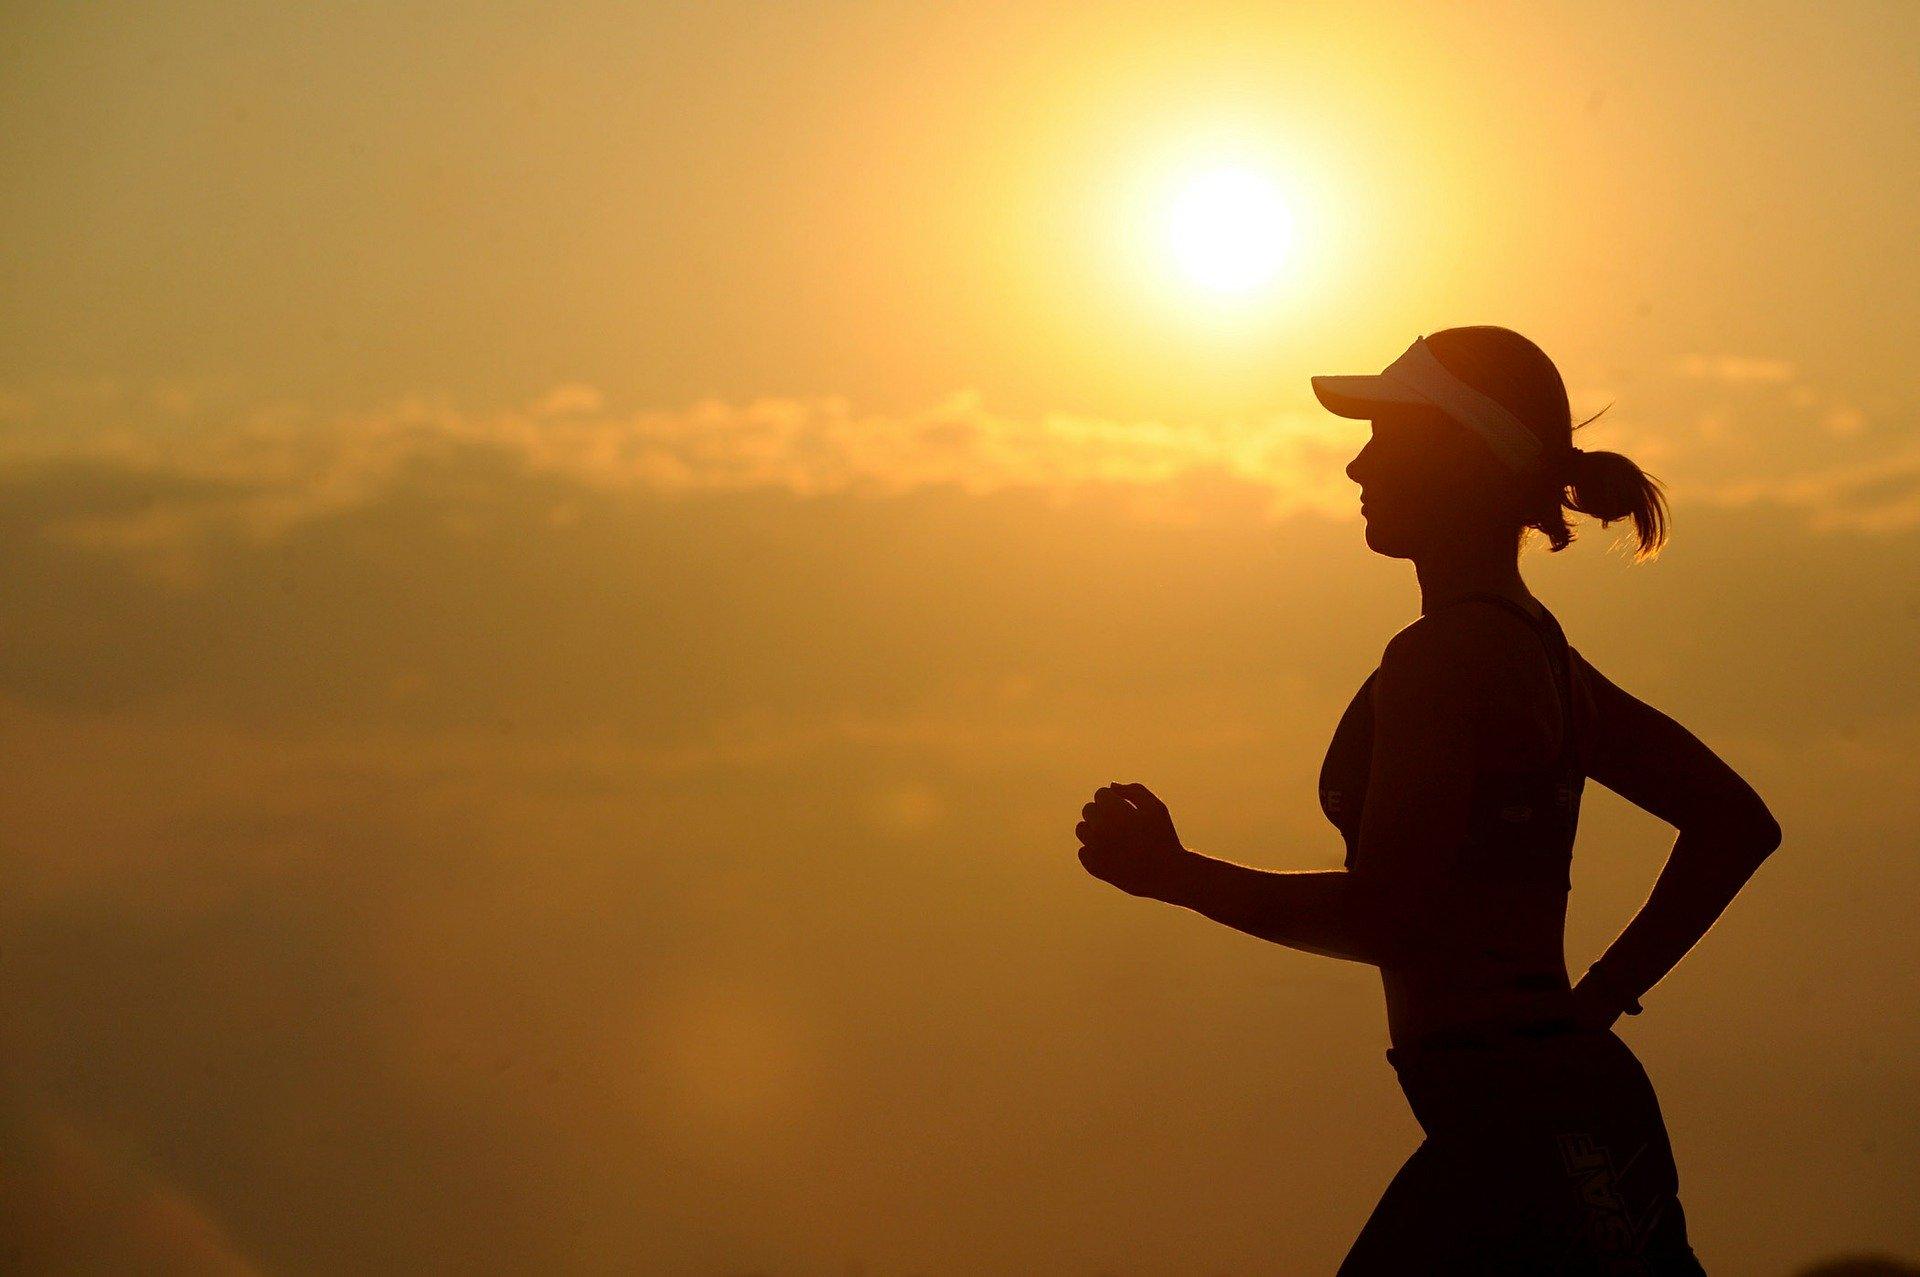 フルマラソンに向けての練習の心得は?忘れてはいけない『基本』